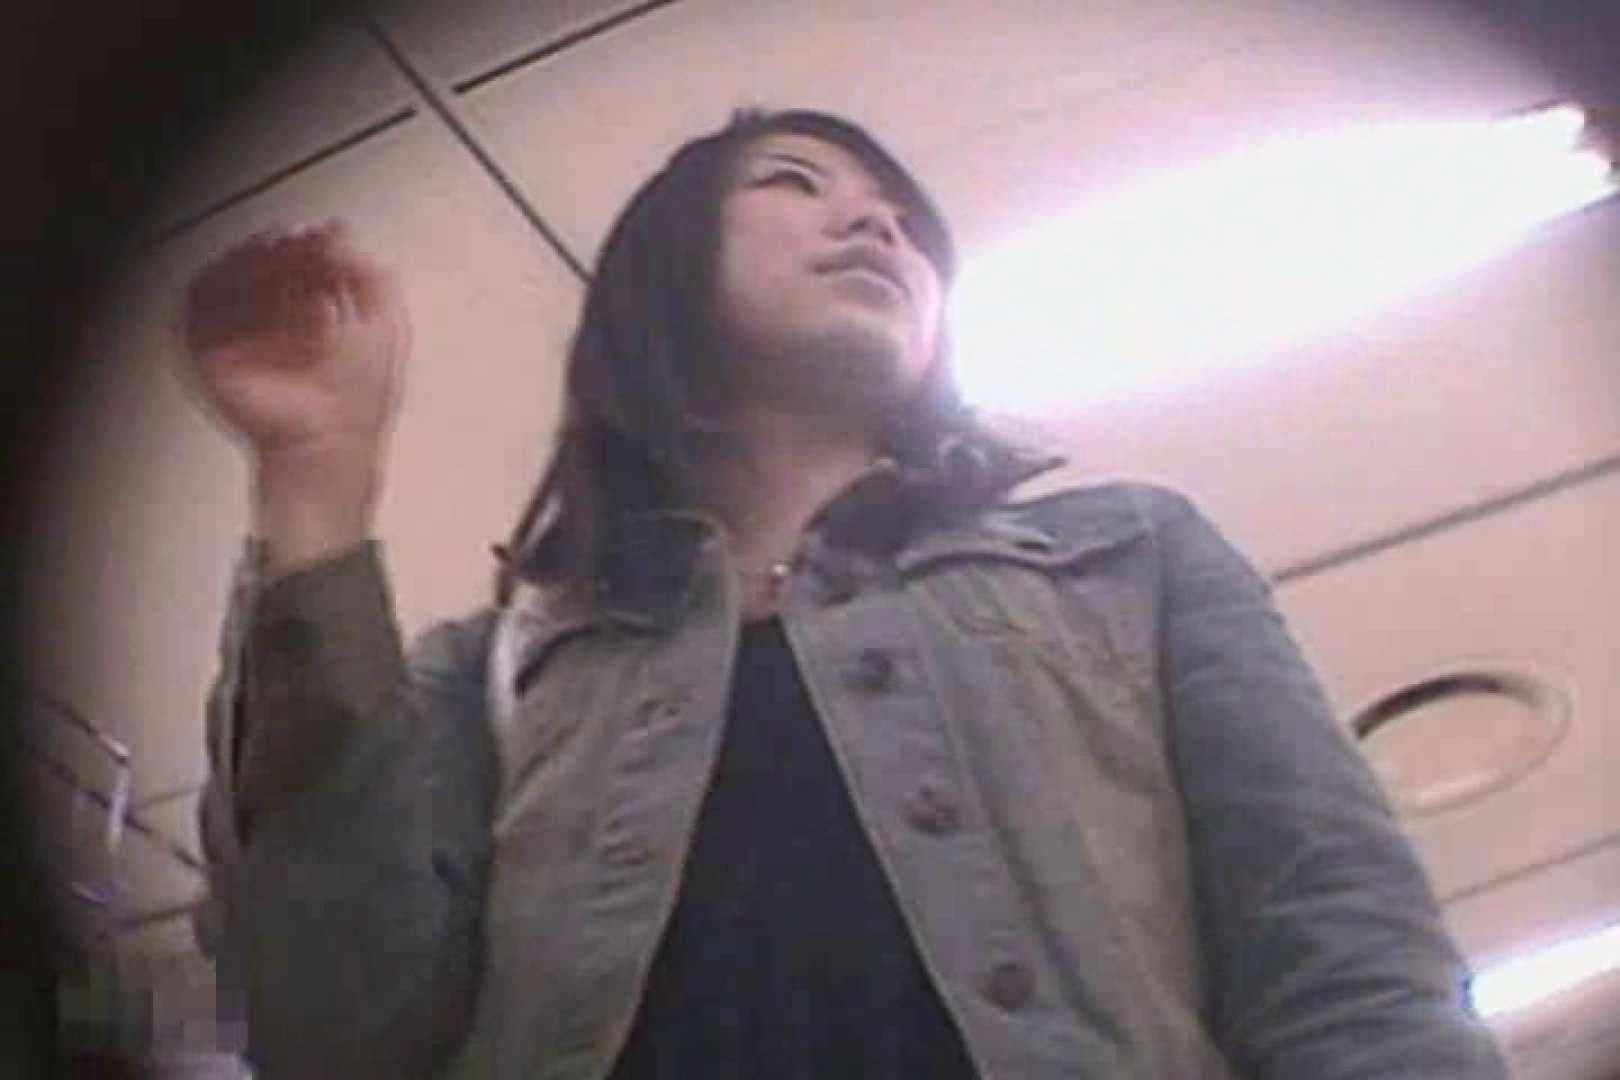 パンチラ七変化!!Vol.13 お姉さん丸裸 SEX無修正画像 85pic 3